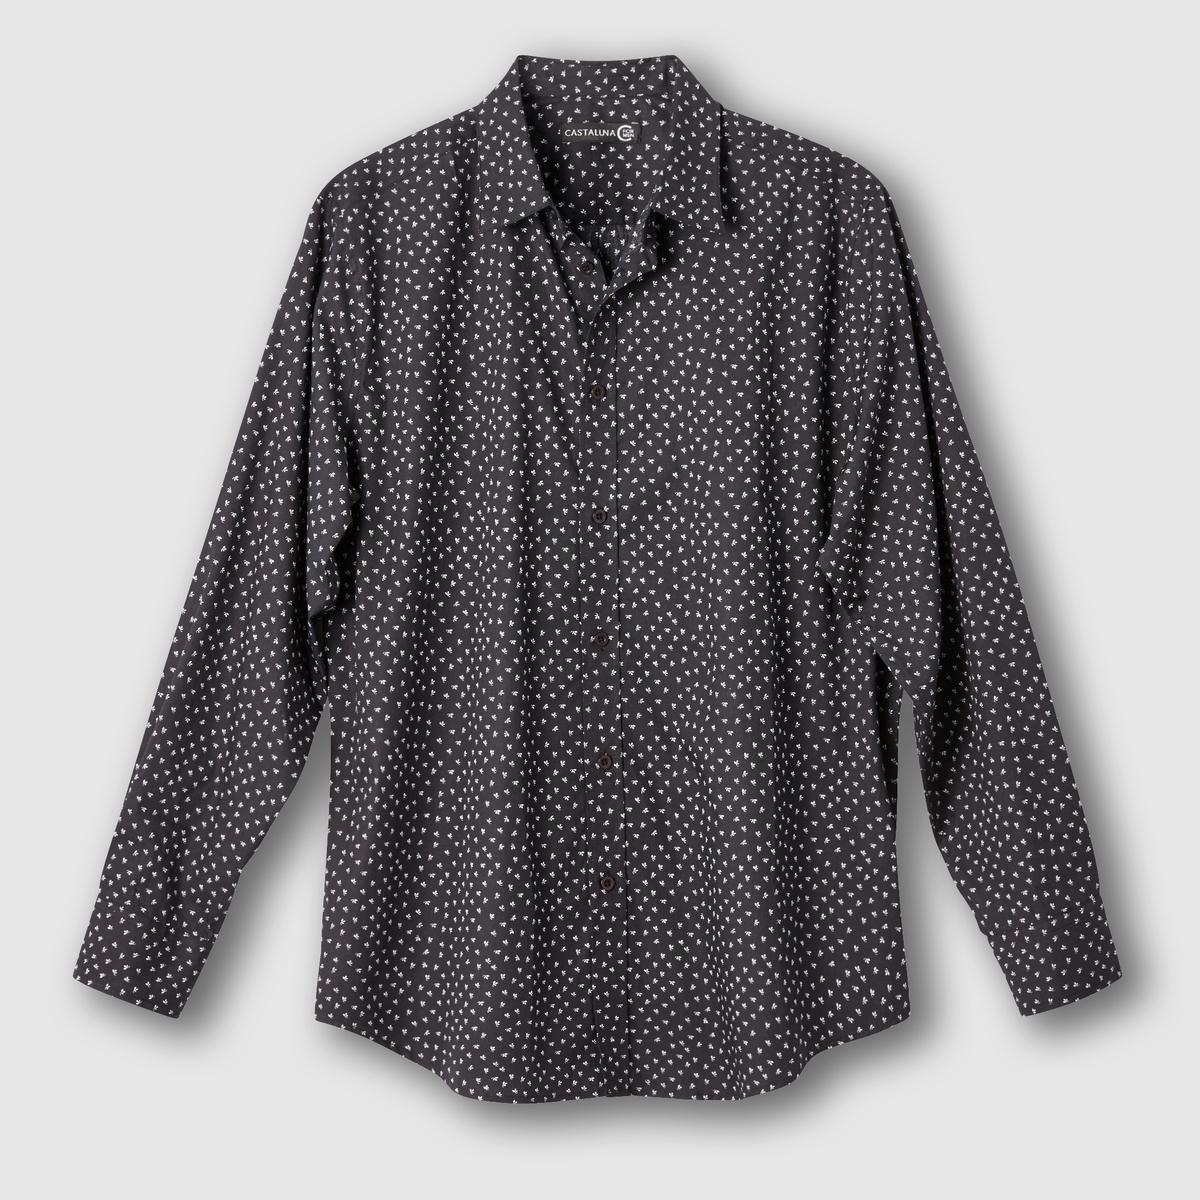 Рубашка с цветочным принтомРубашка с цветочным принтом. Длинные рукава. Воротник со свободными уголками. Складка сзади и петля для вешалки. Закругленный низ. Поплин, 100% хлопка. Длина 83 см.<br><br>Цвет: антрацит,бордовый<br>Размер: 51/52.55/56